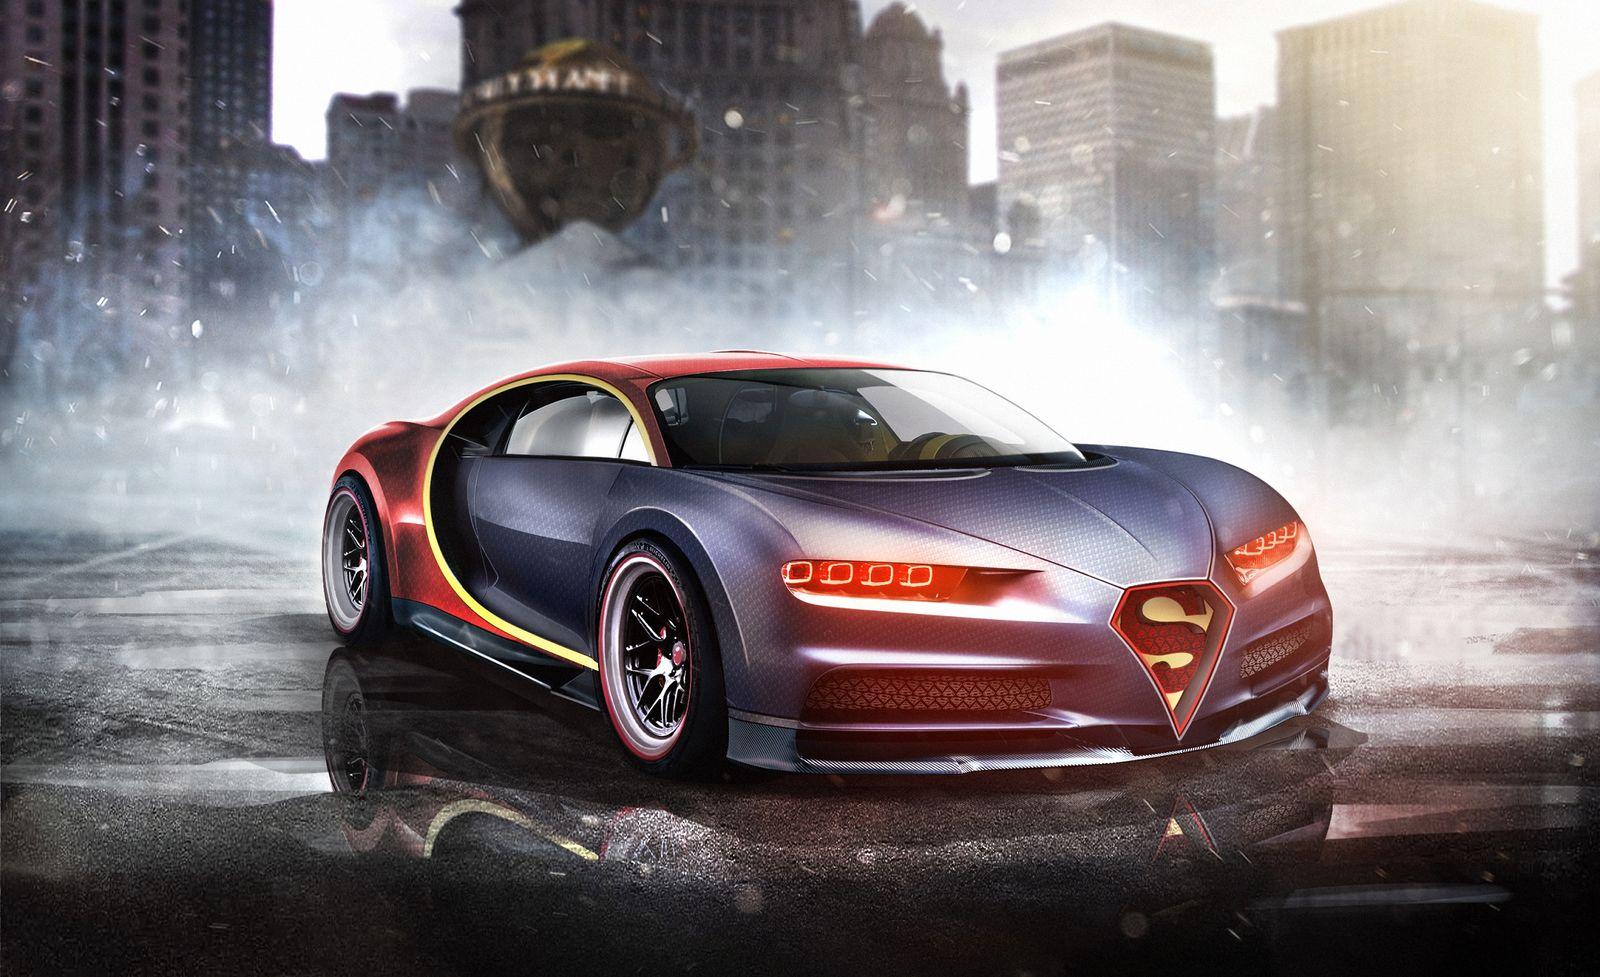 superhero-car-designs-opn-gallery-9.jpg